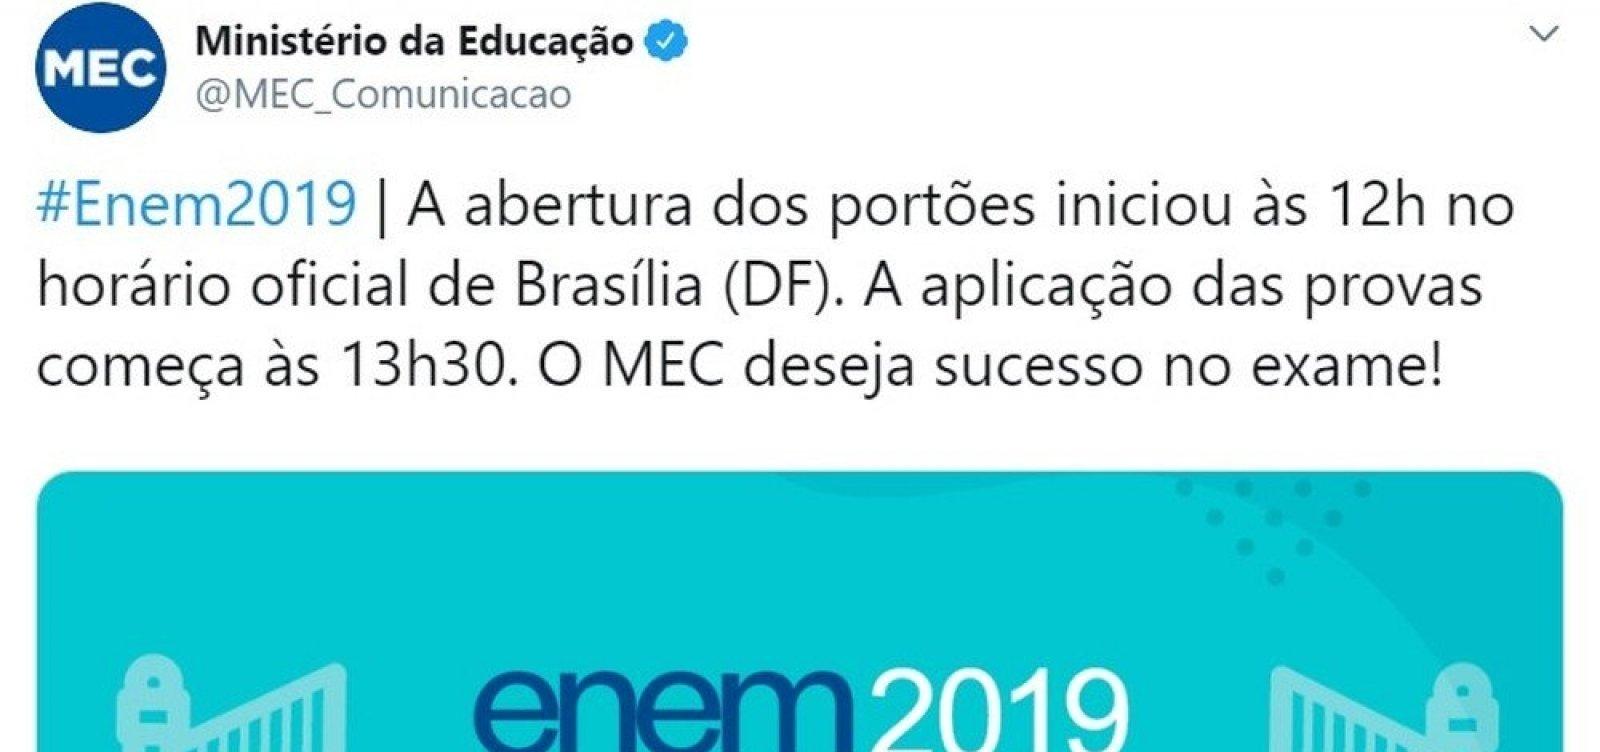 Perfil do MEC anuncia no Twitter abertura dos portões do Enem uma hora antes